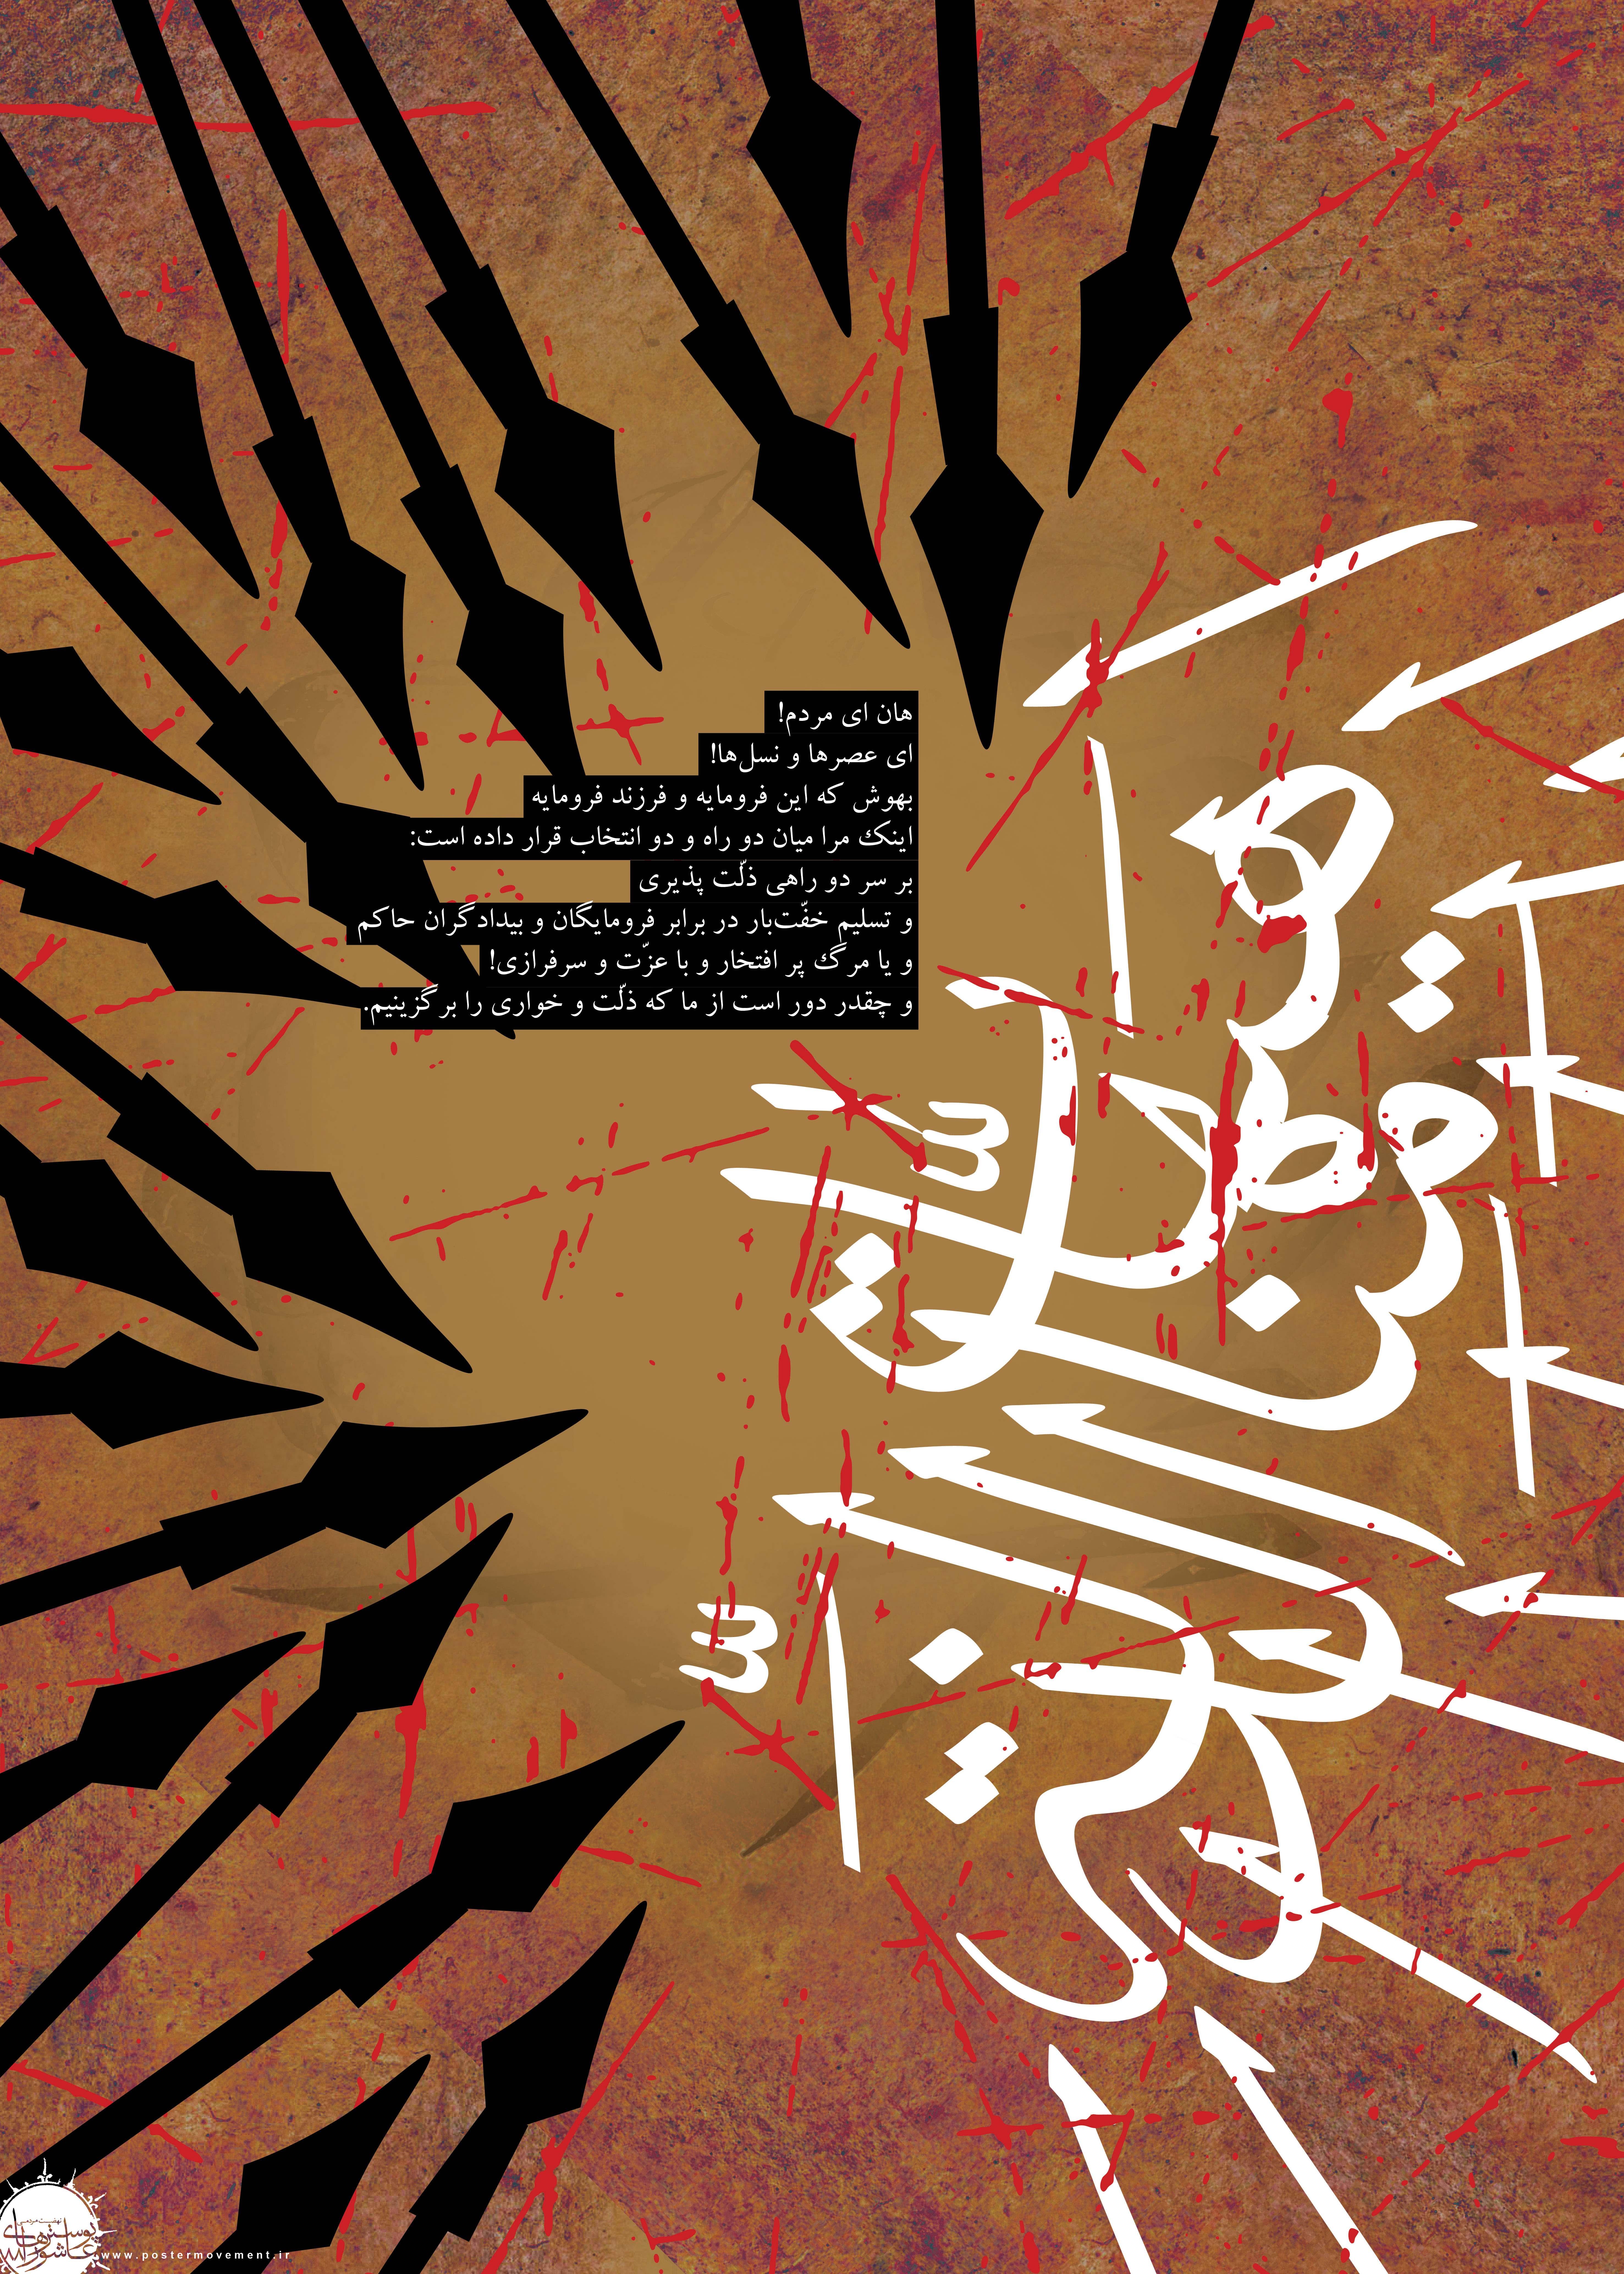 از غدیر تا عاشورا (دانلود پوستر و بنر محرم با کیفیت بالا)۵ najafabadnews